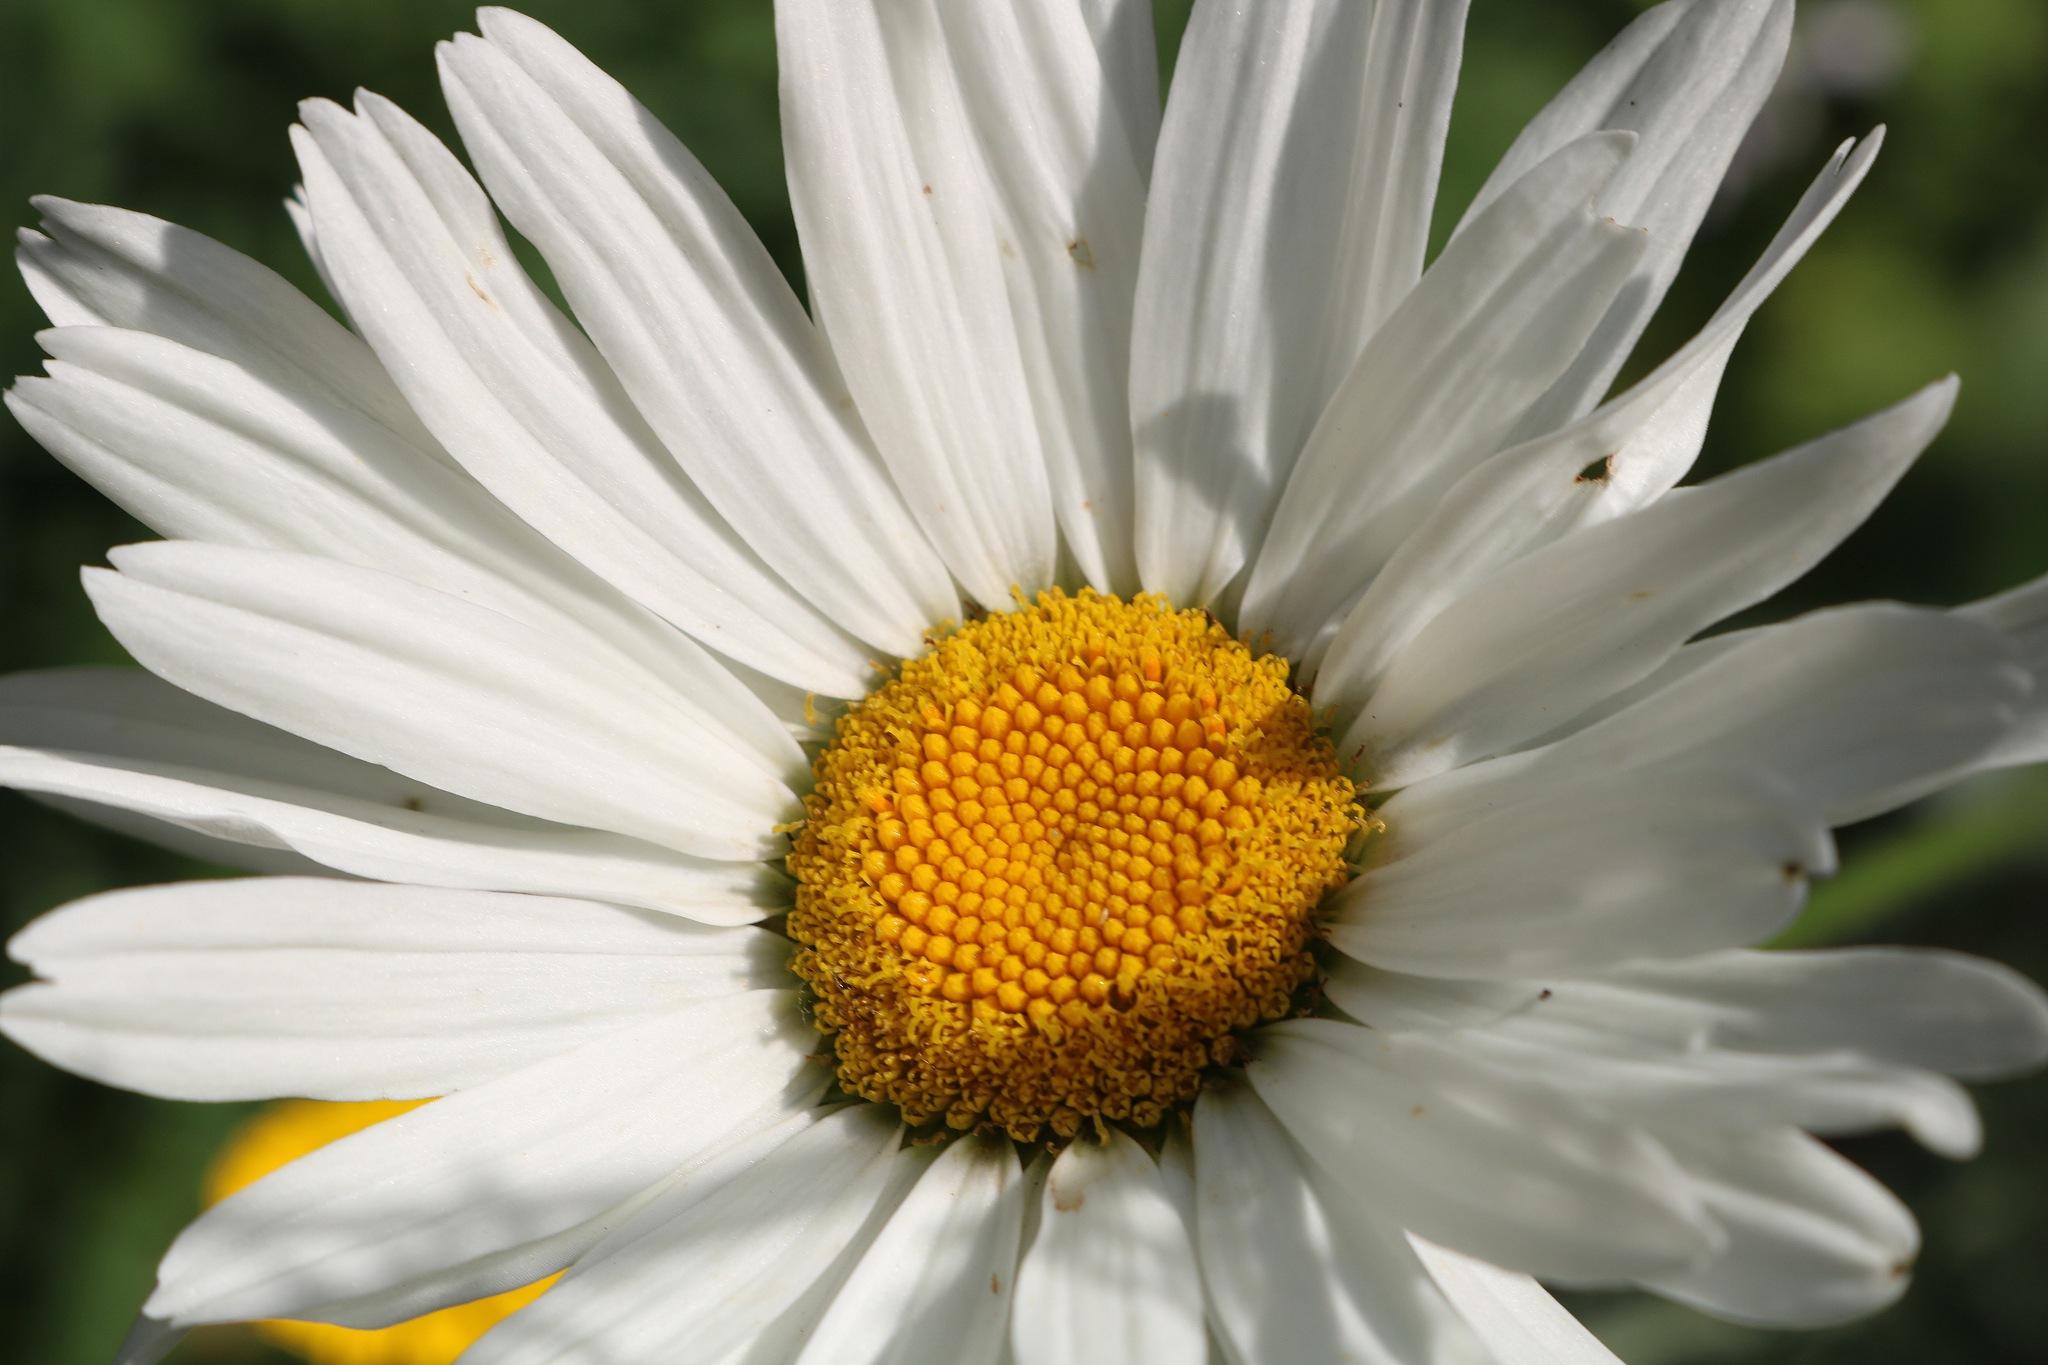 close up by zvnktomasevic